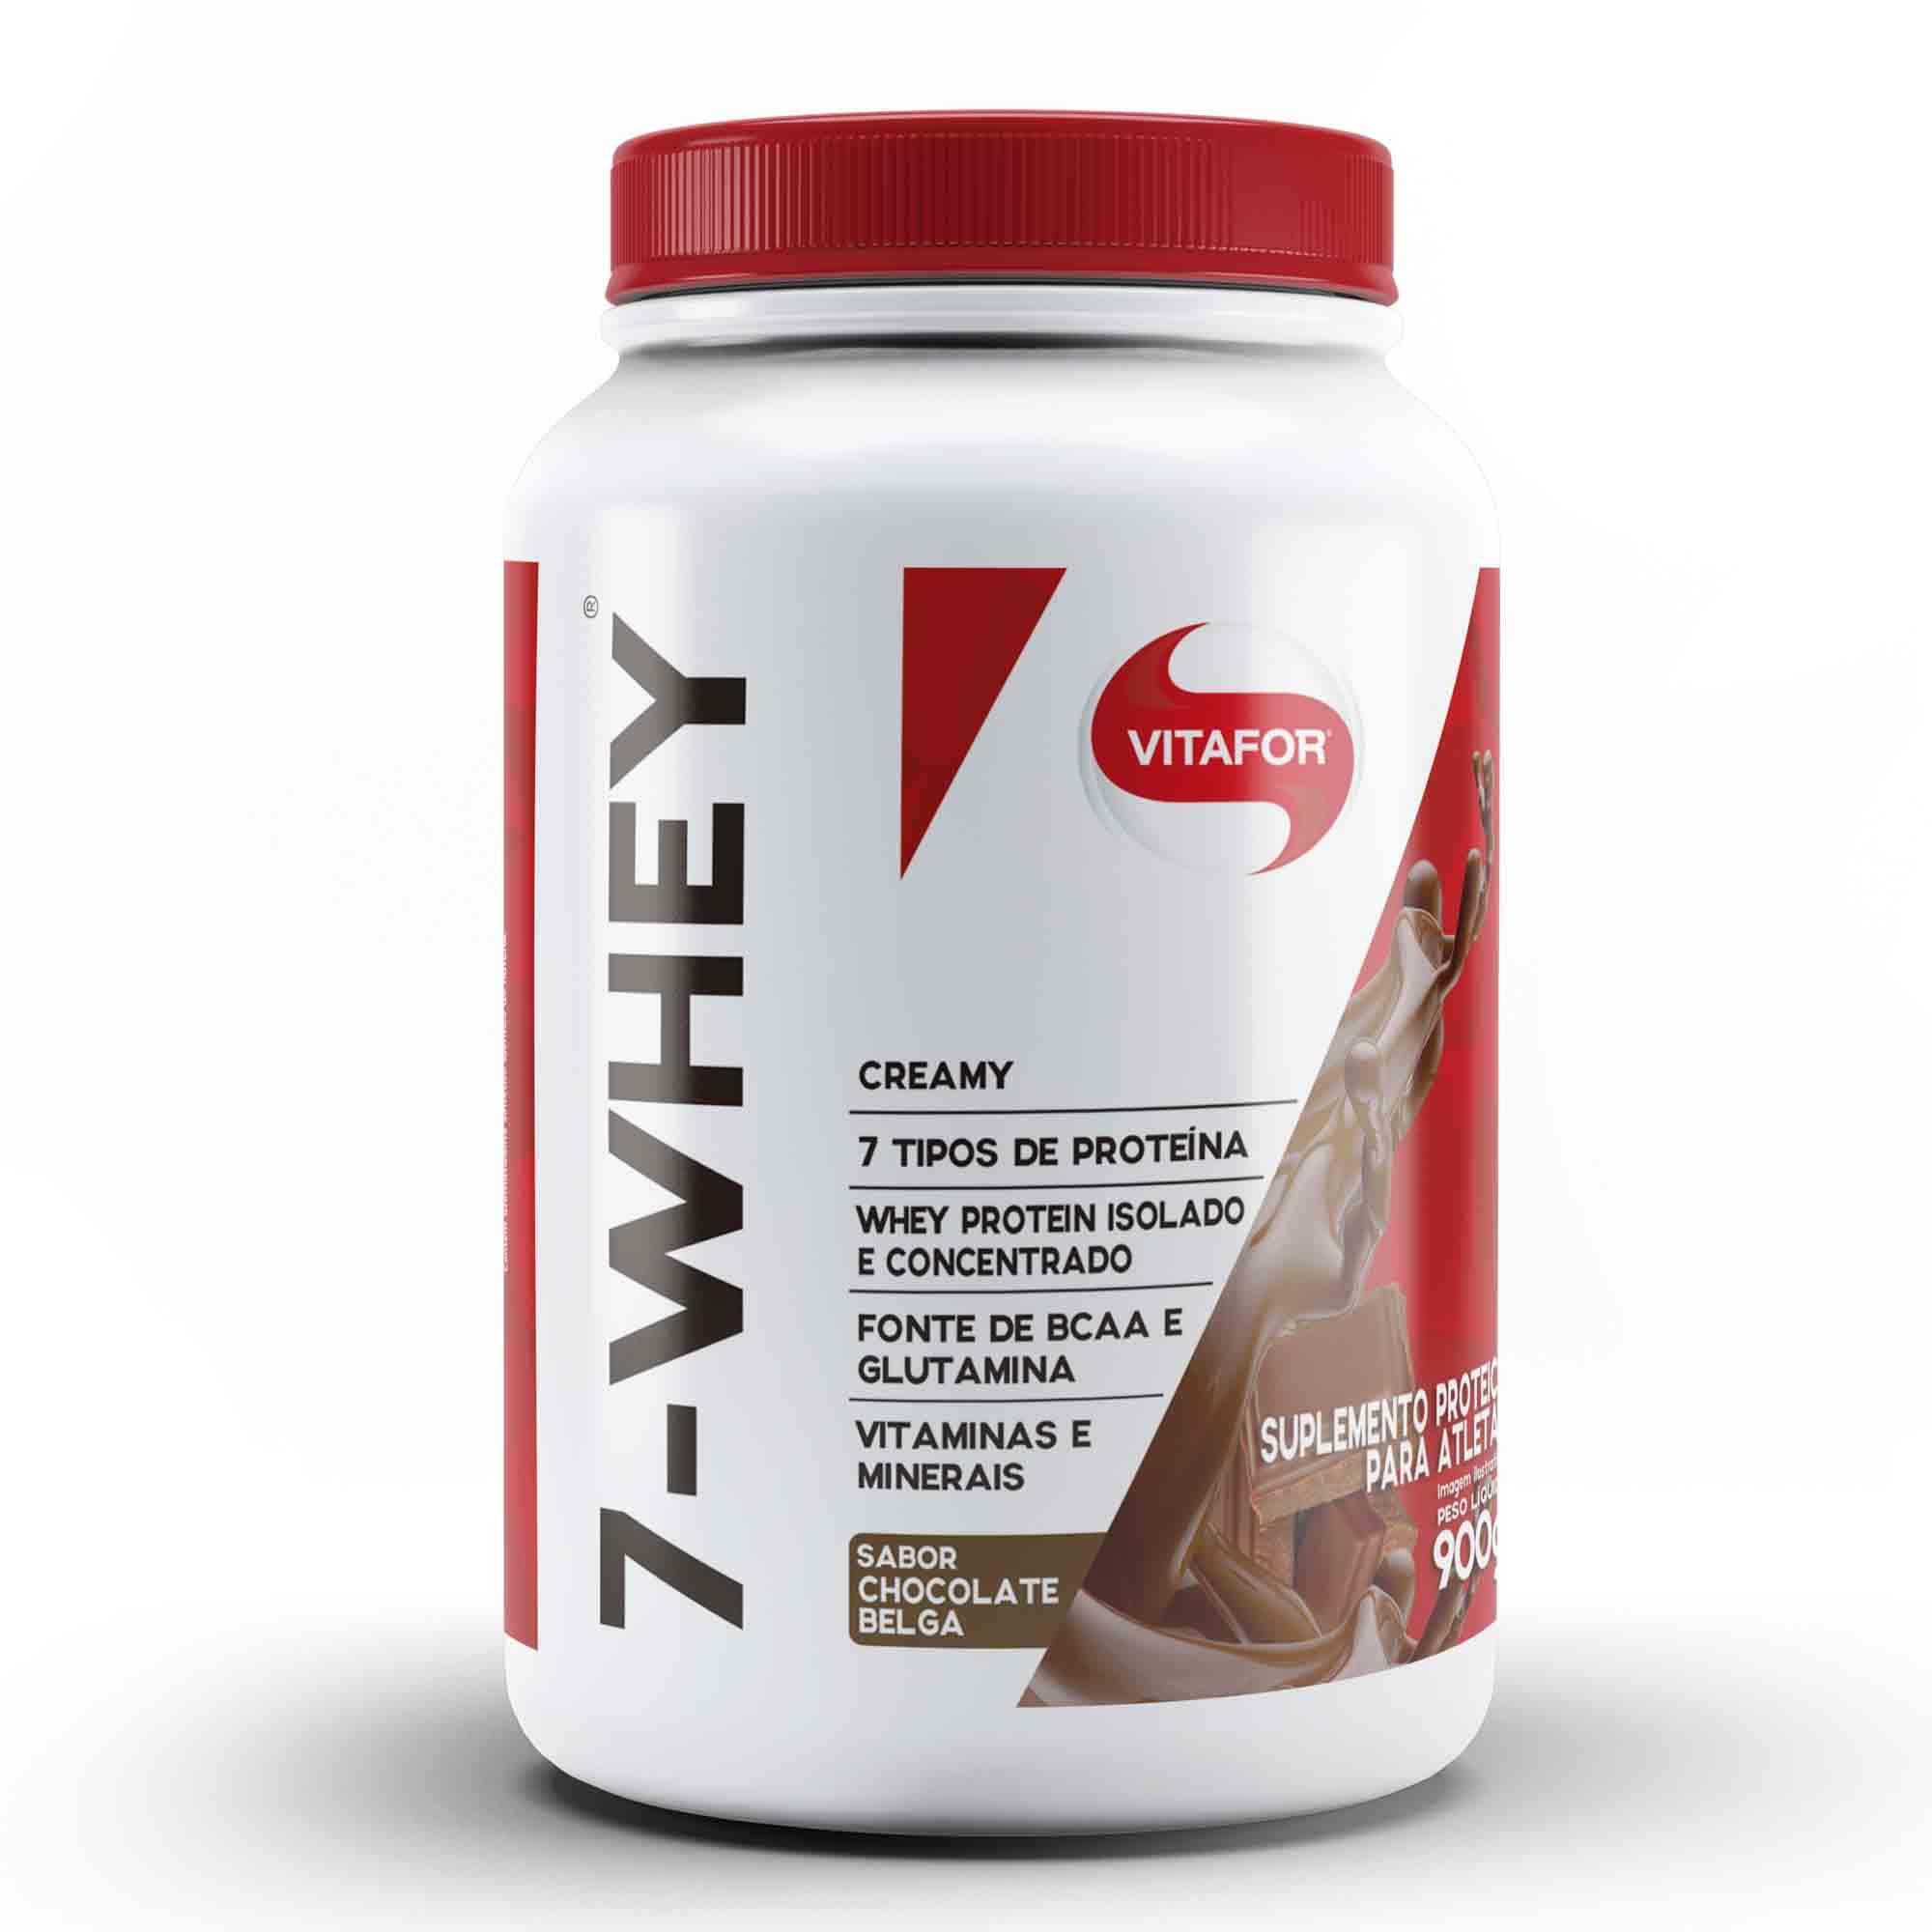 7 Whey Creamy Vitafor